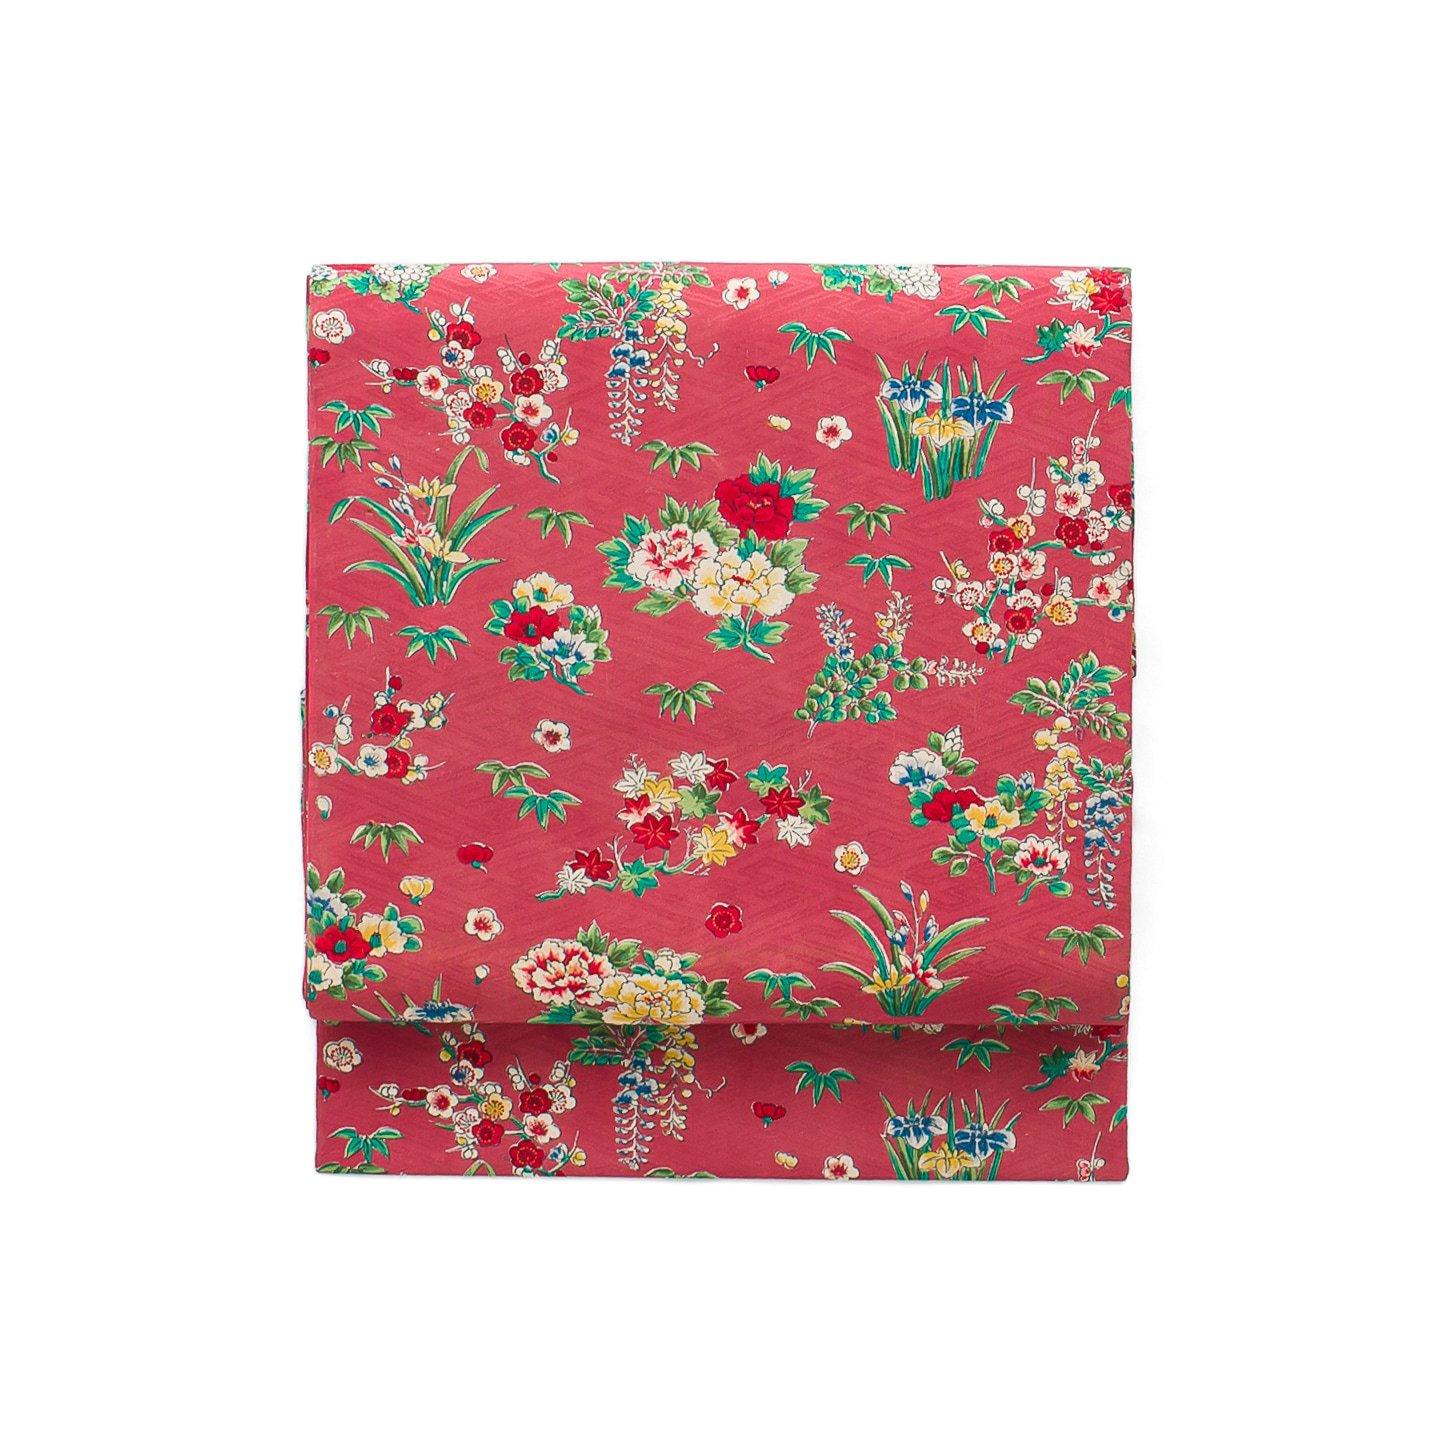 「kaico 飛び柄花模様」の商品画像